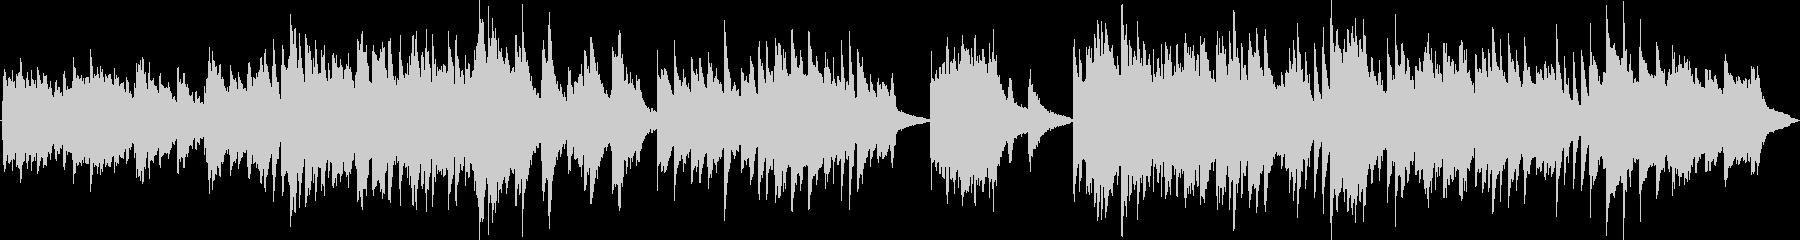 ピアノ生演奏/Xmas・キラキラ・雪・海の未再生の波形